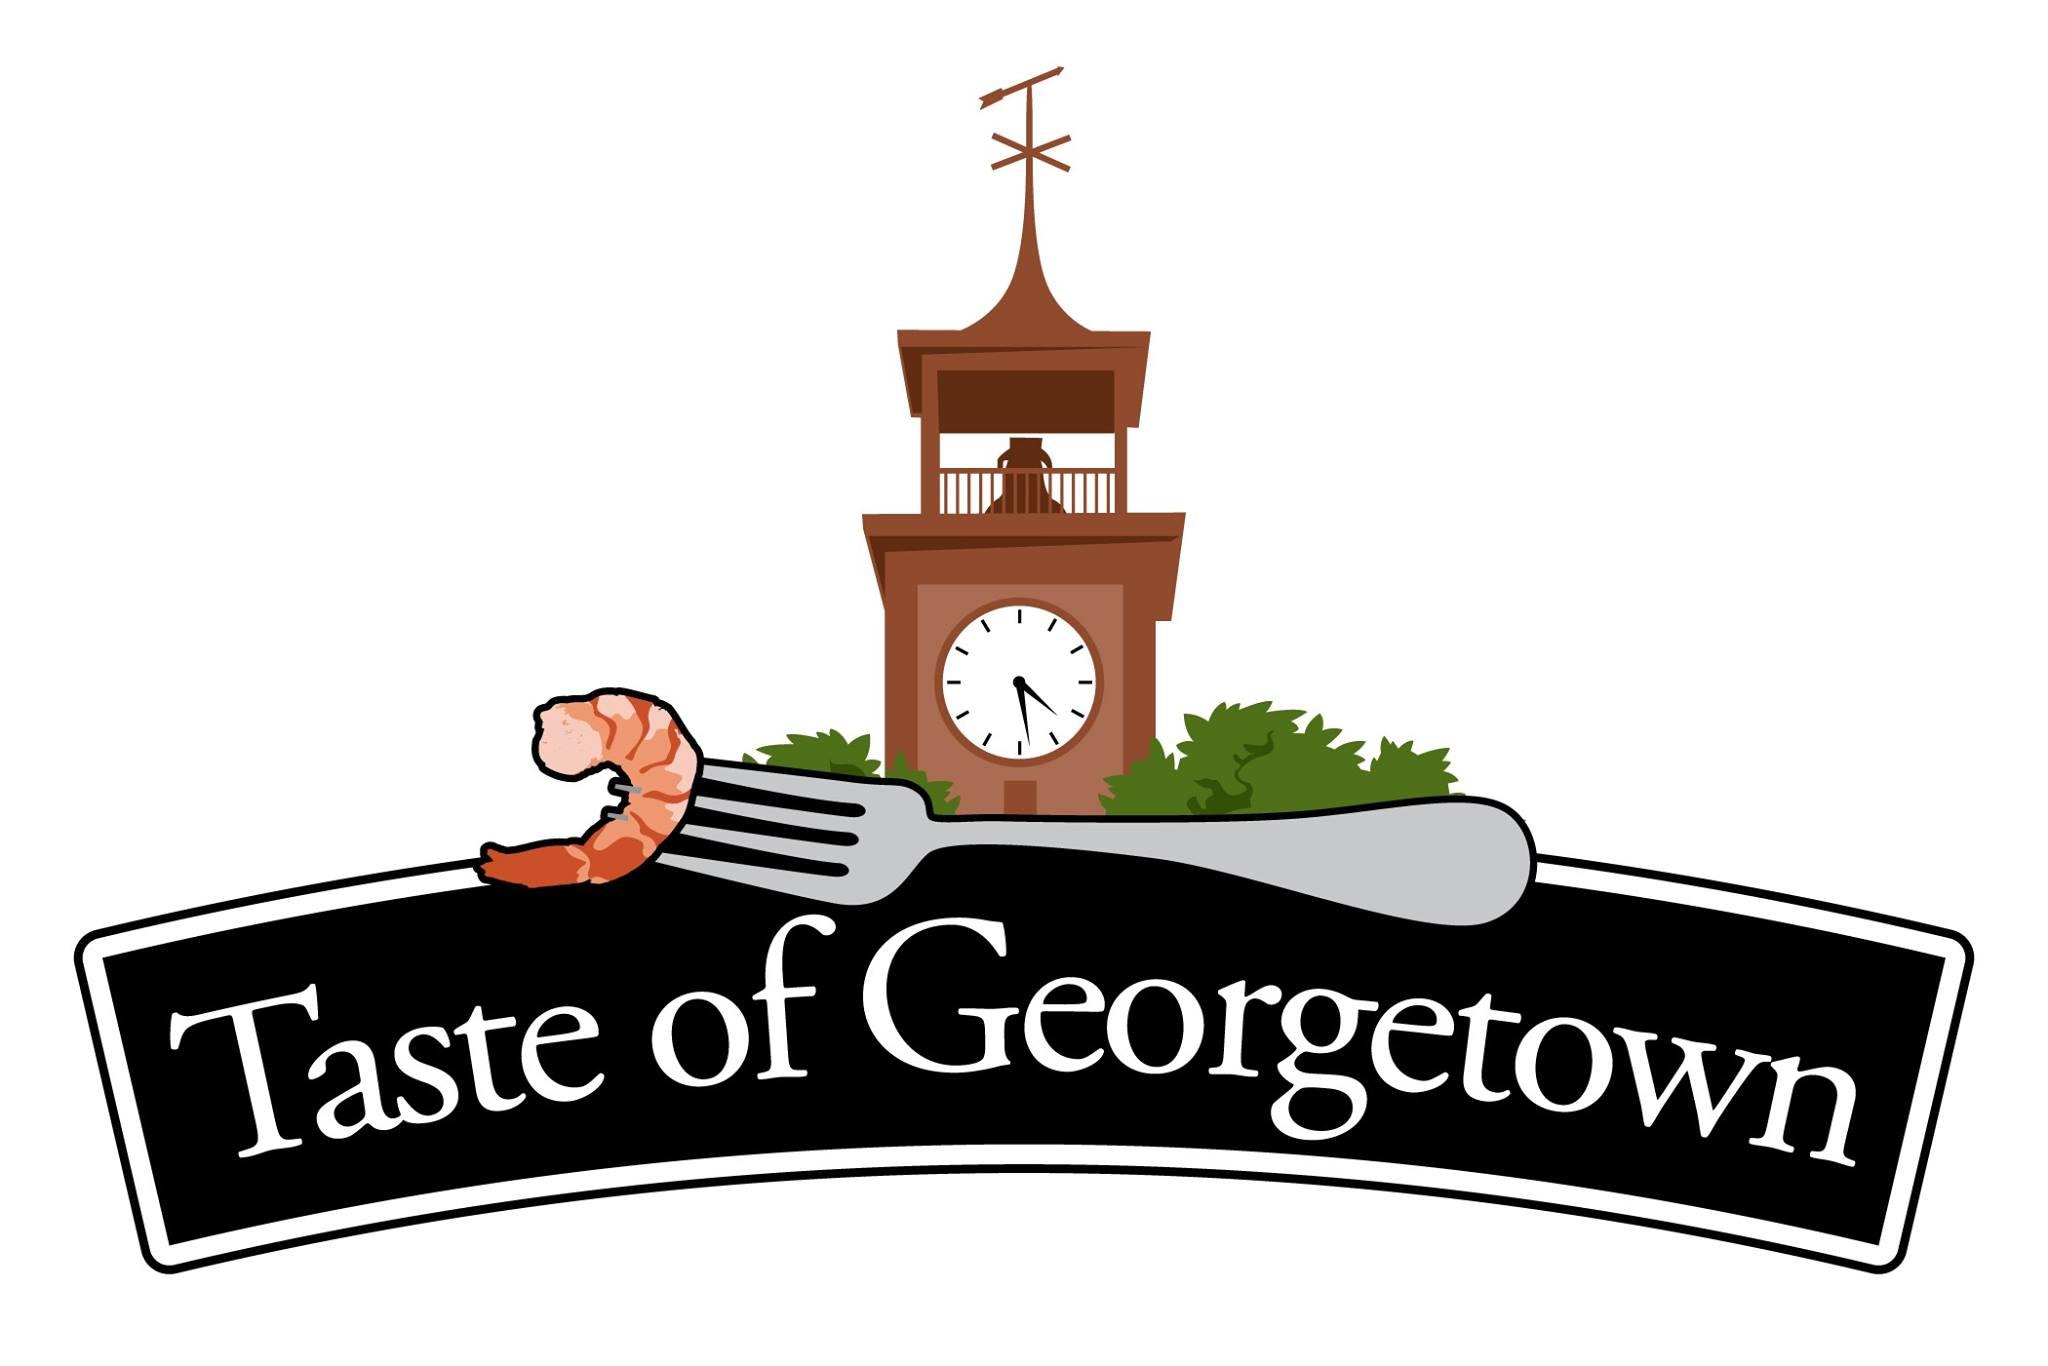 Taste of Georgetown.jpg